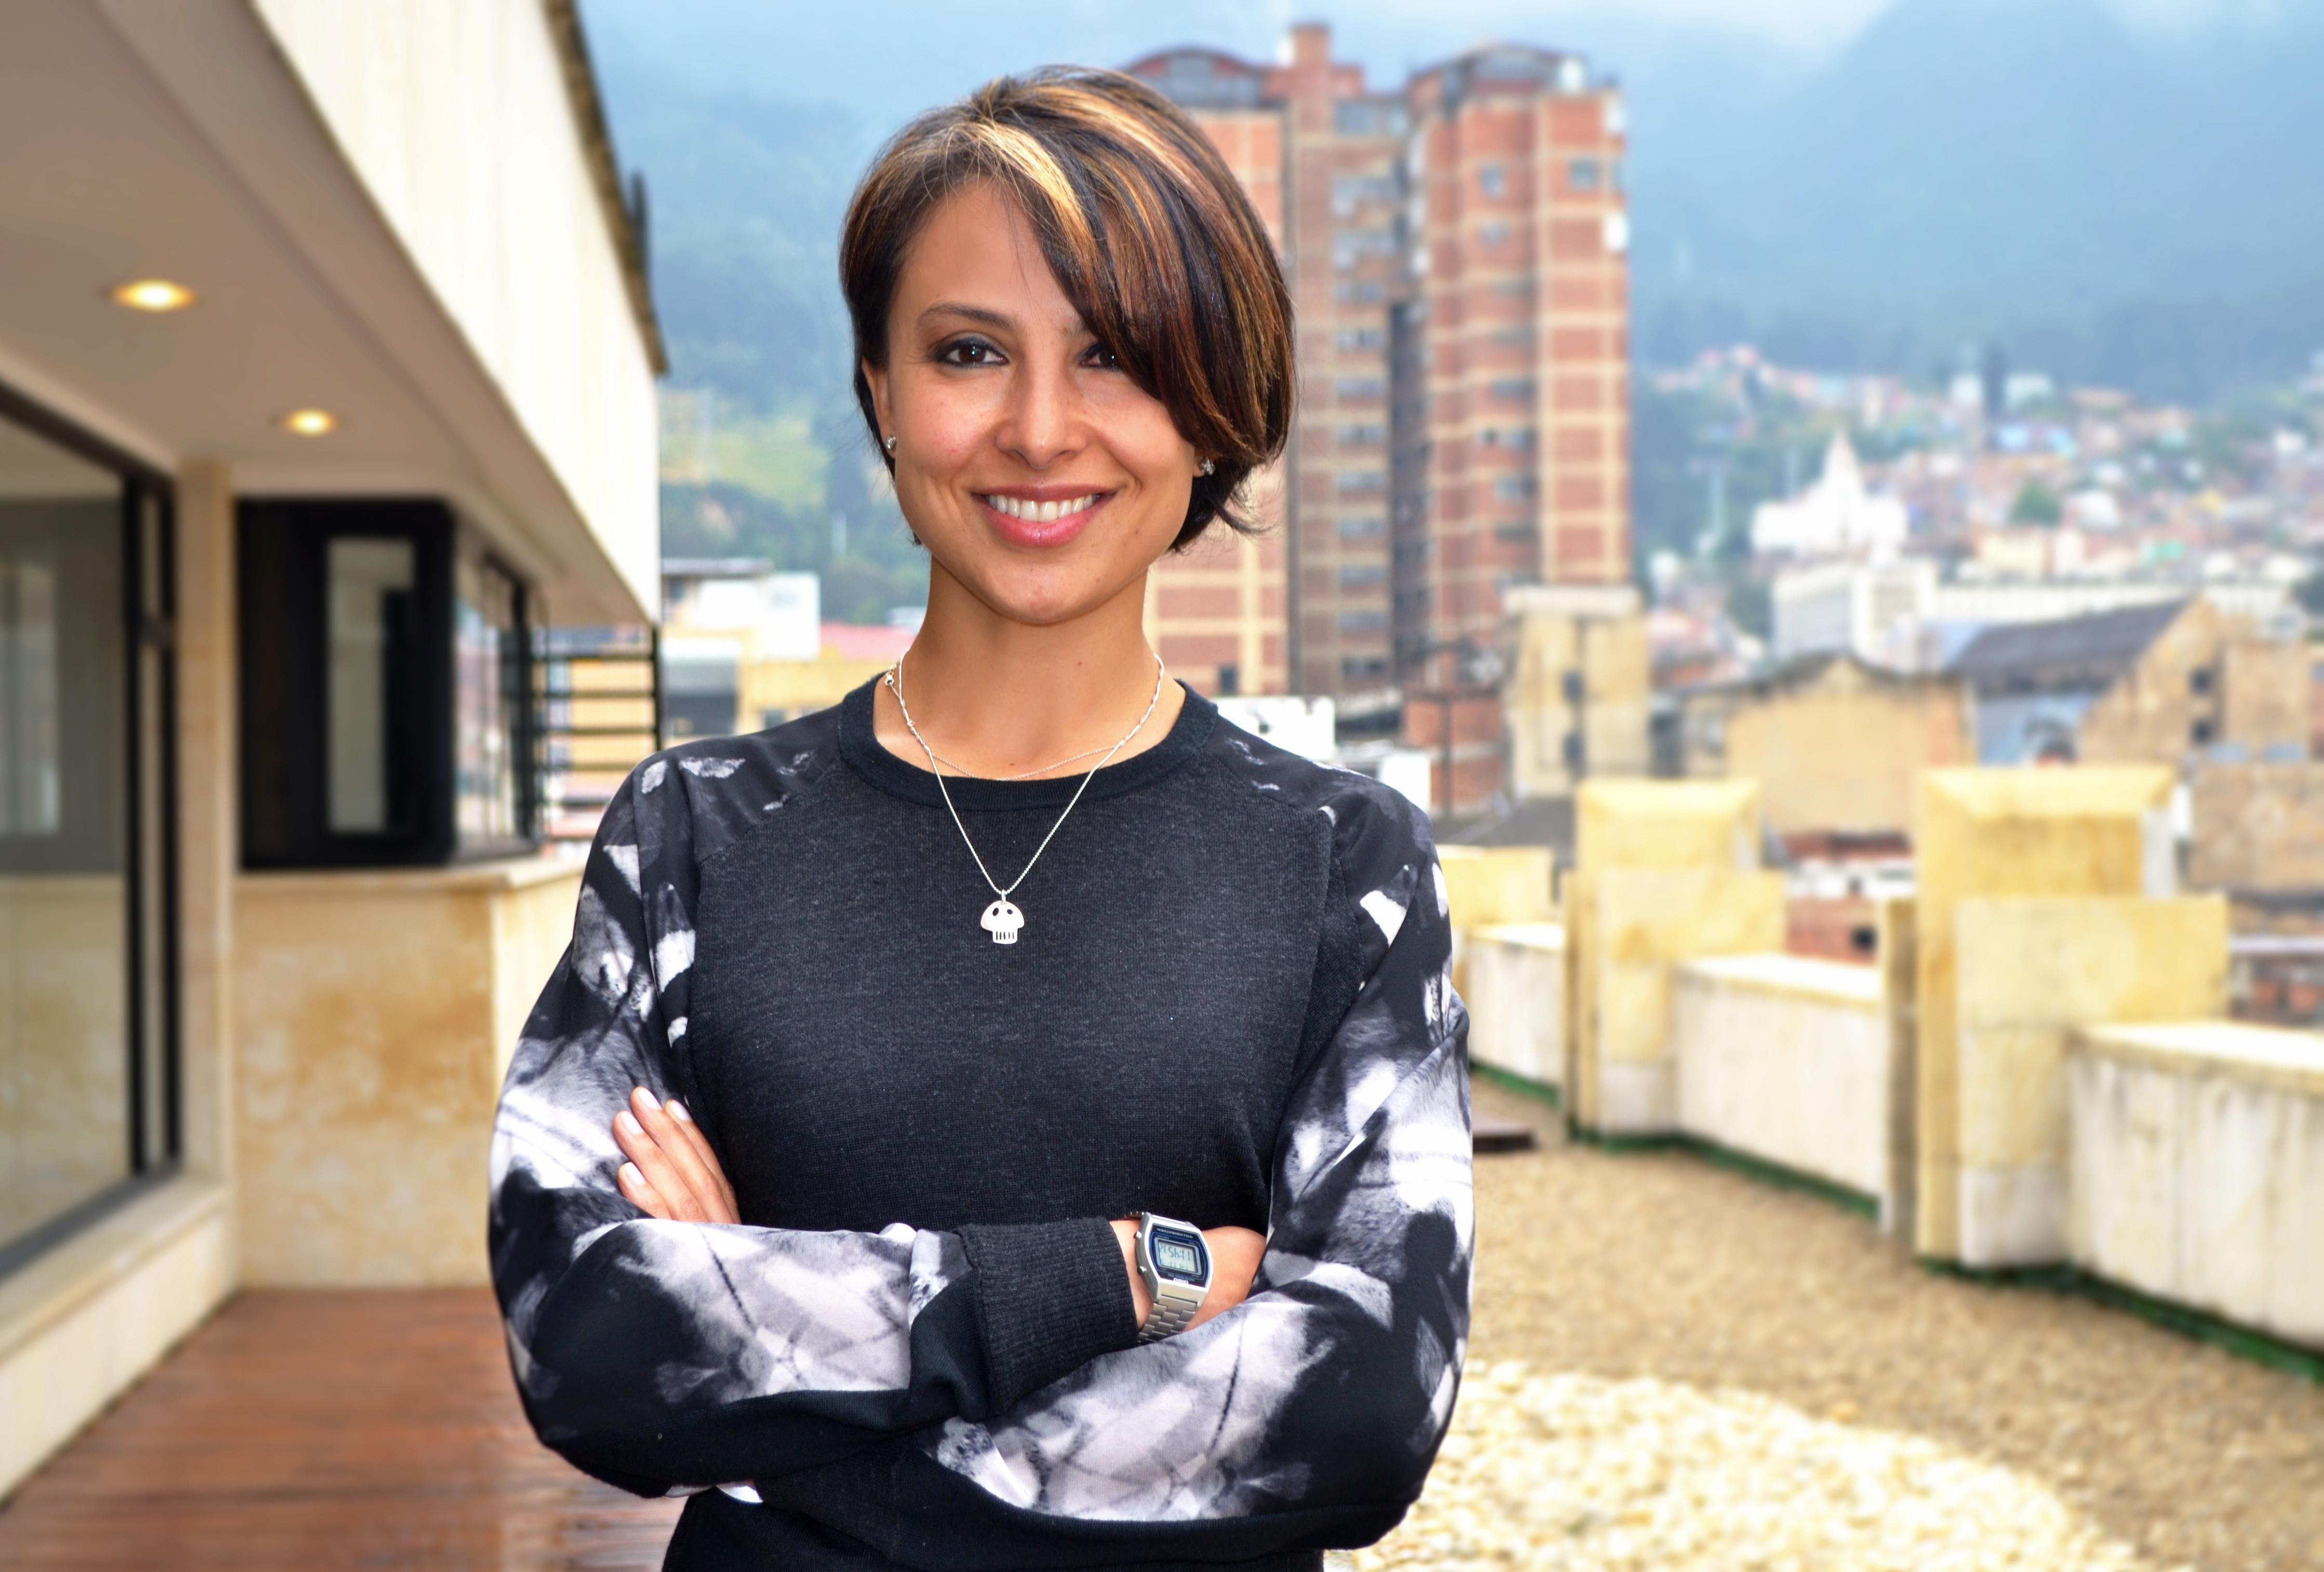 Juanita Rodríguez, Directora de Transformación Digital de MinTIC, fue designada como Viceministra de Economía Digital encargada. Foto de Appsco